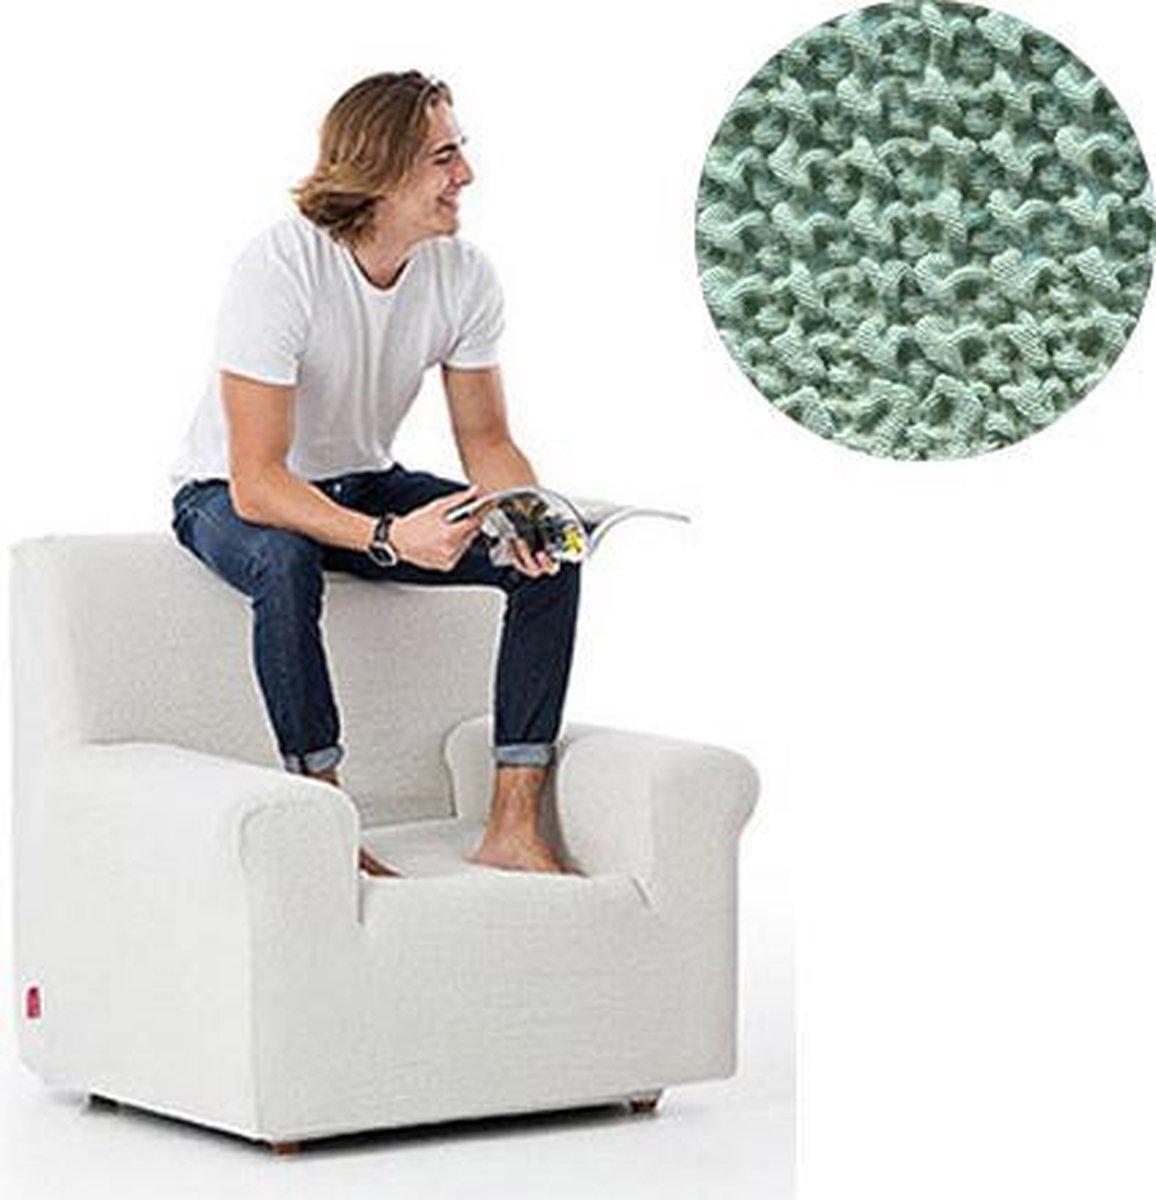 Milos meubelhoezen - Hoes voor fauteuil 70-110cm - Mint - Verkrijgbaar in verschillende kleuren!